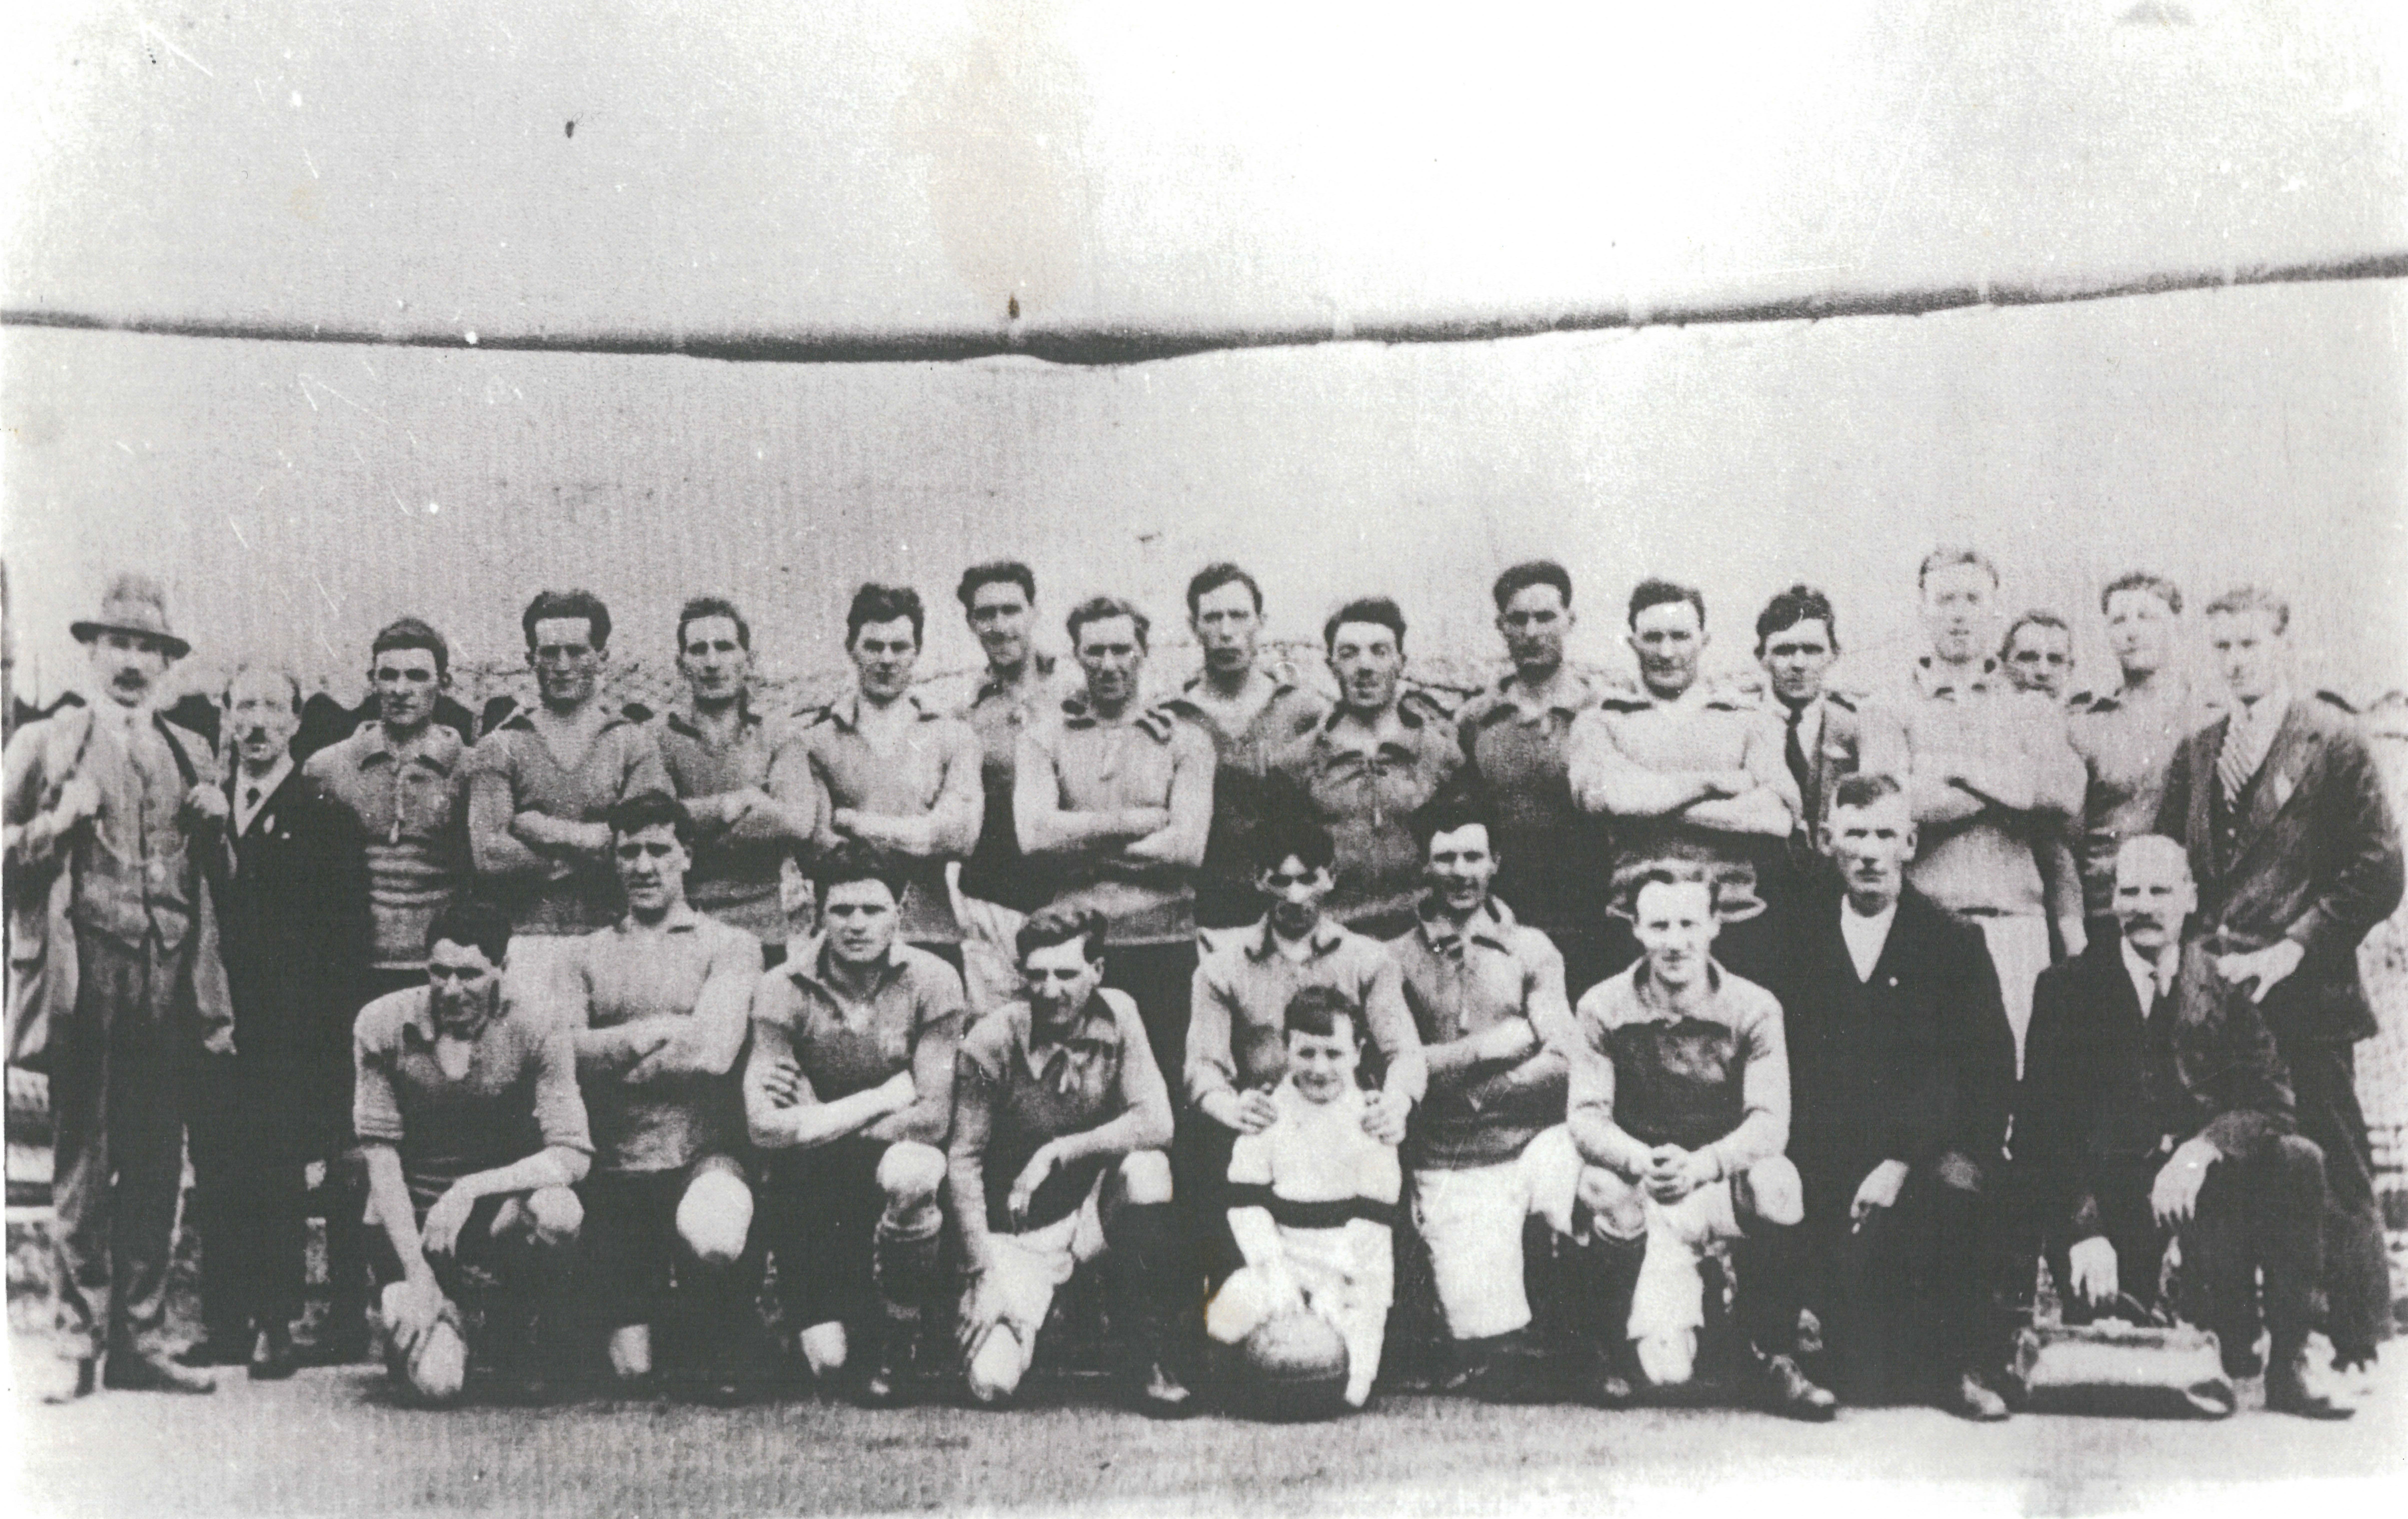 Dublin (St Mary's) 1921 Football All-Ireland Champions